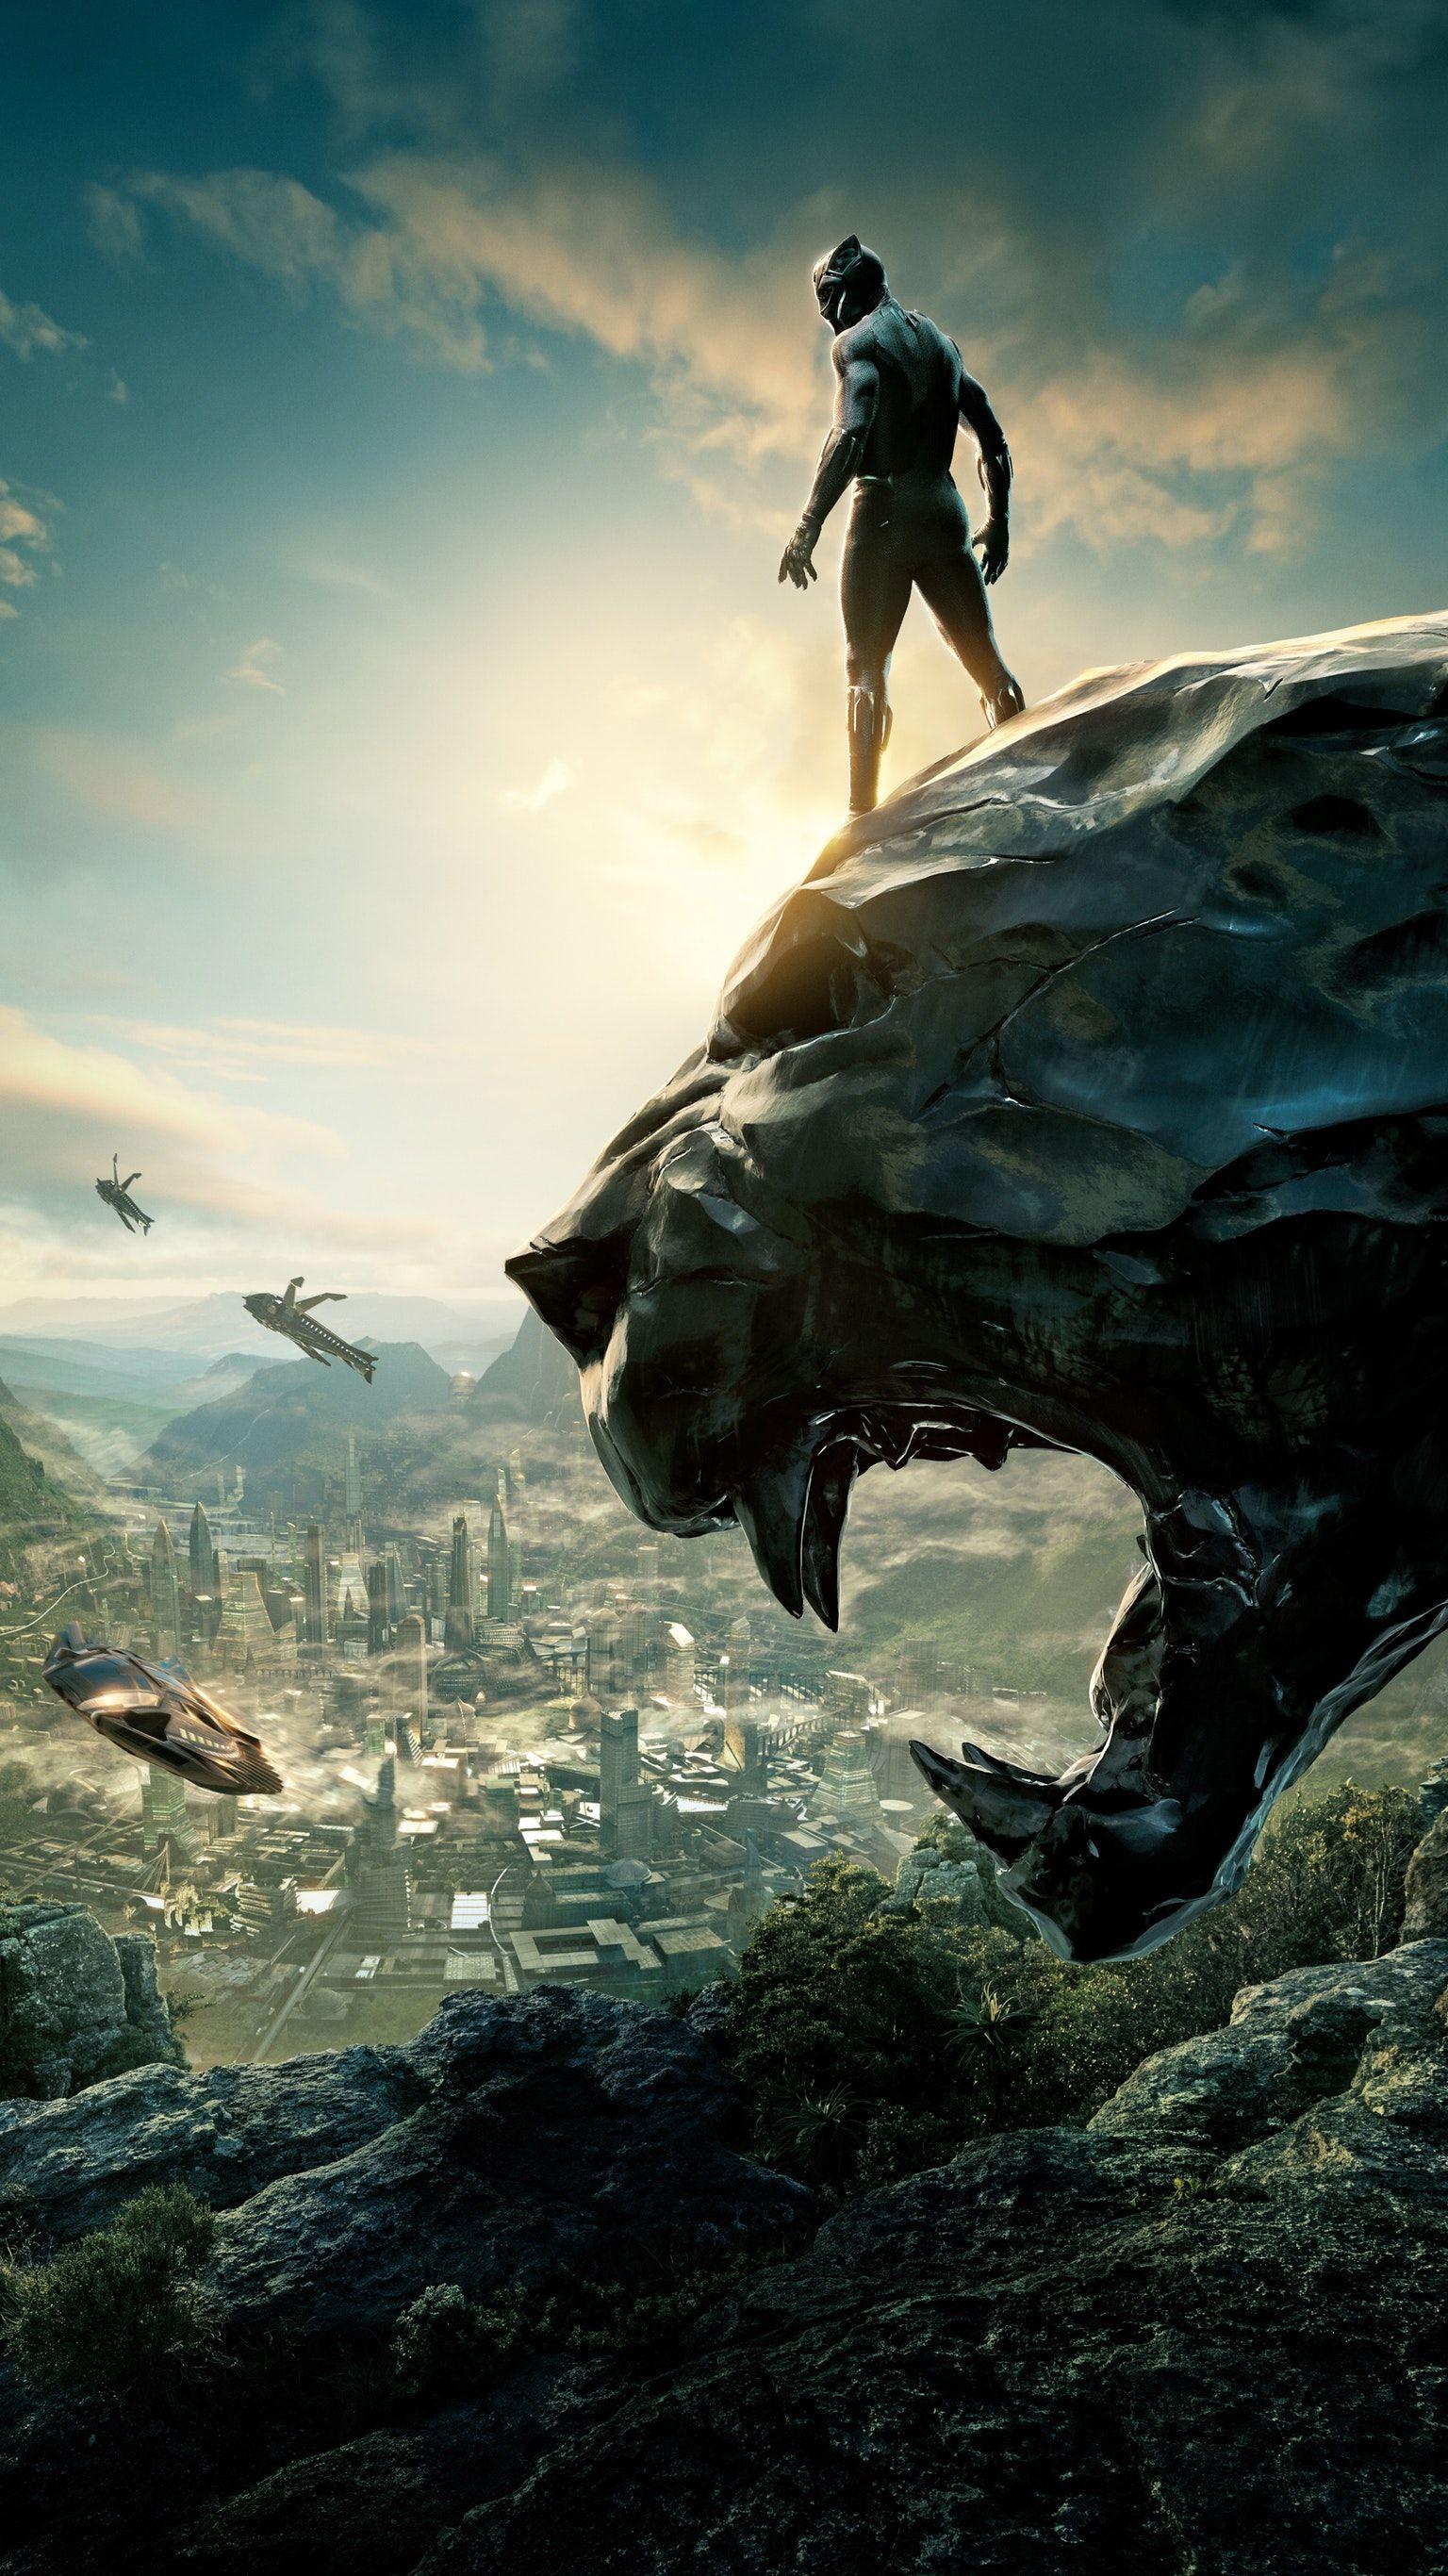 Black Panther (2018) Phone Wallpaper Black panther movie